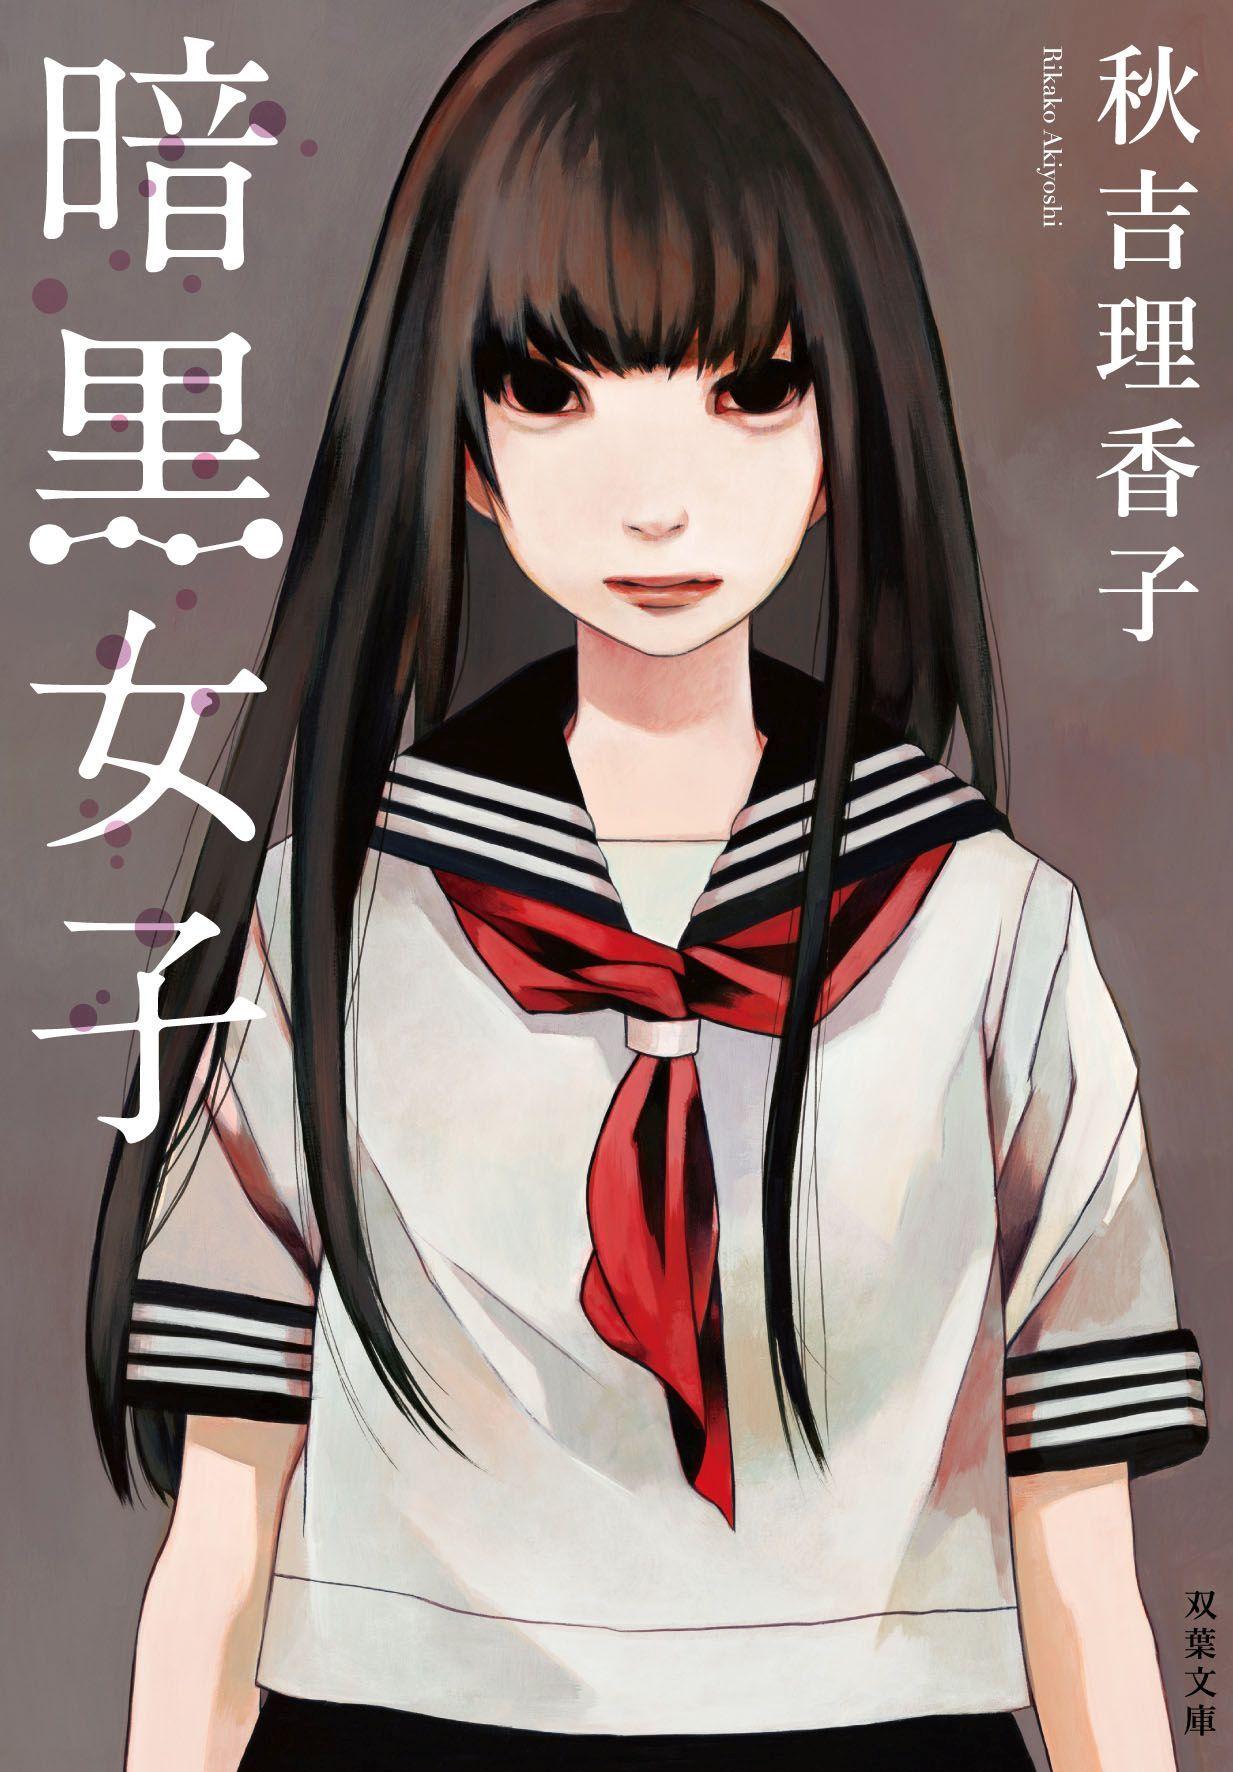 暗黒女子-文庫版カバーOL ©秋吉理香子/双葉社